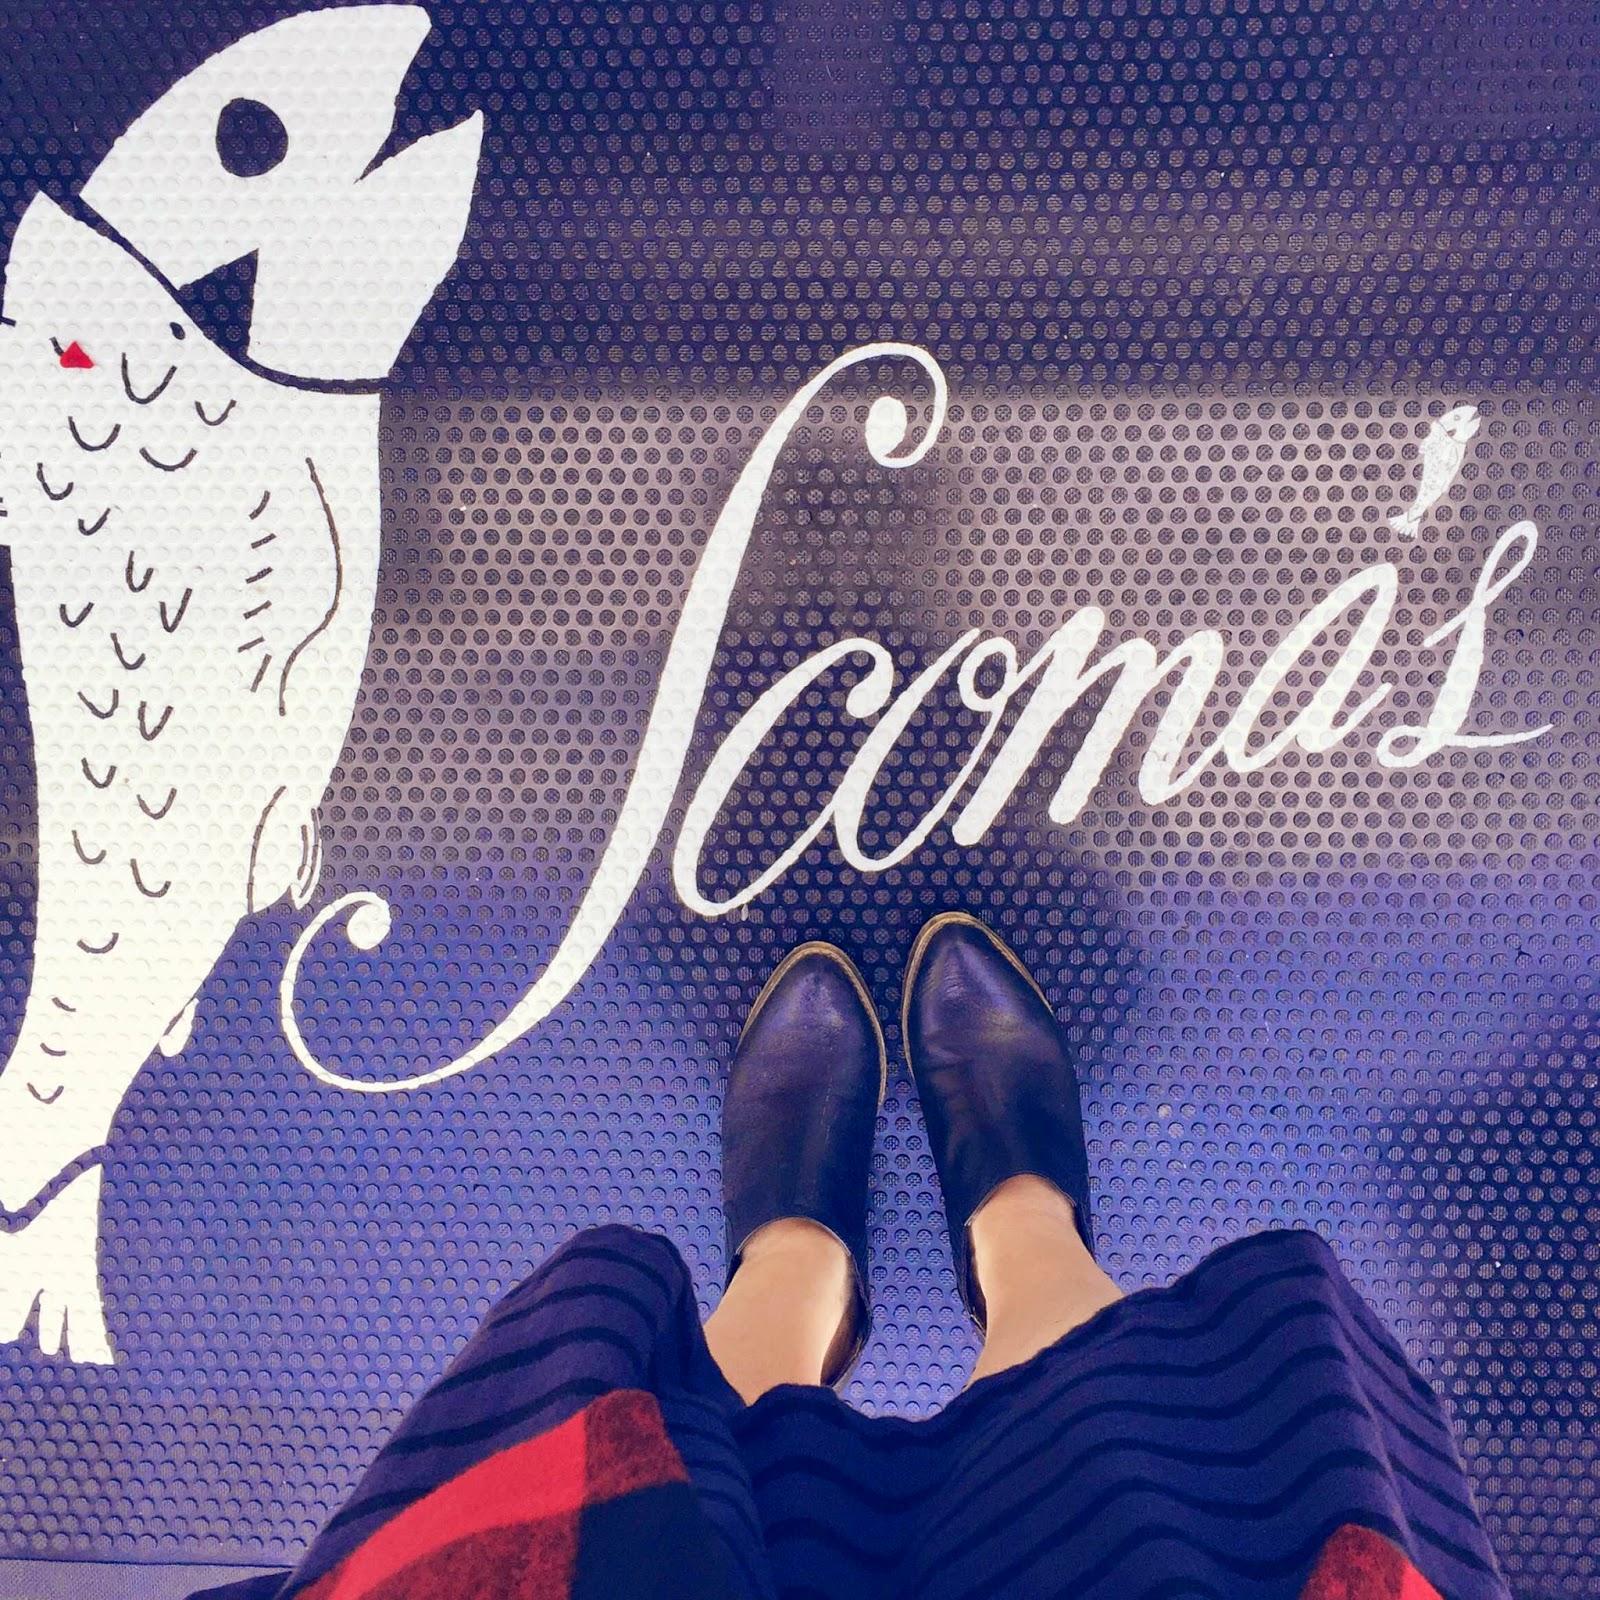 Sausalito Scoma's